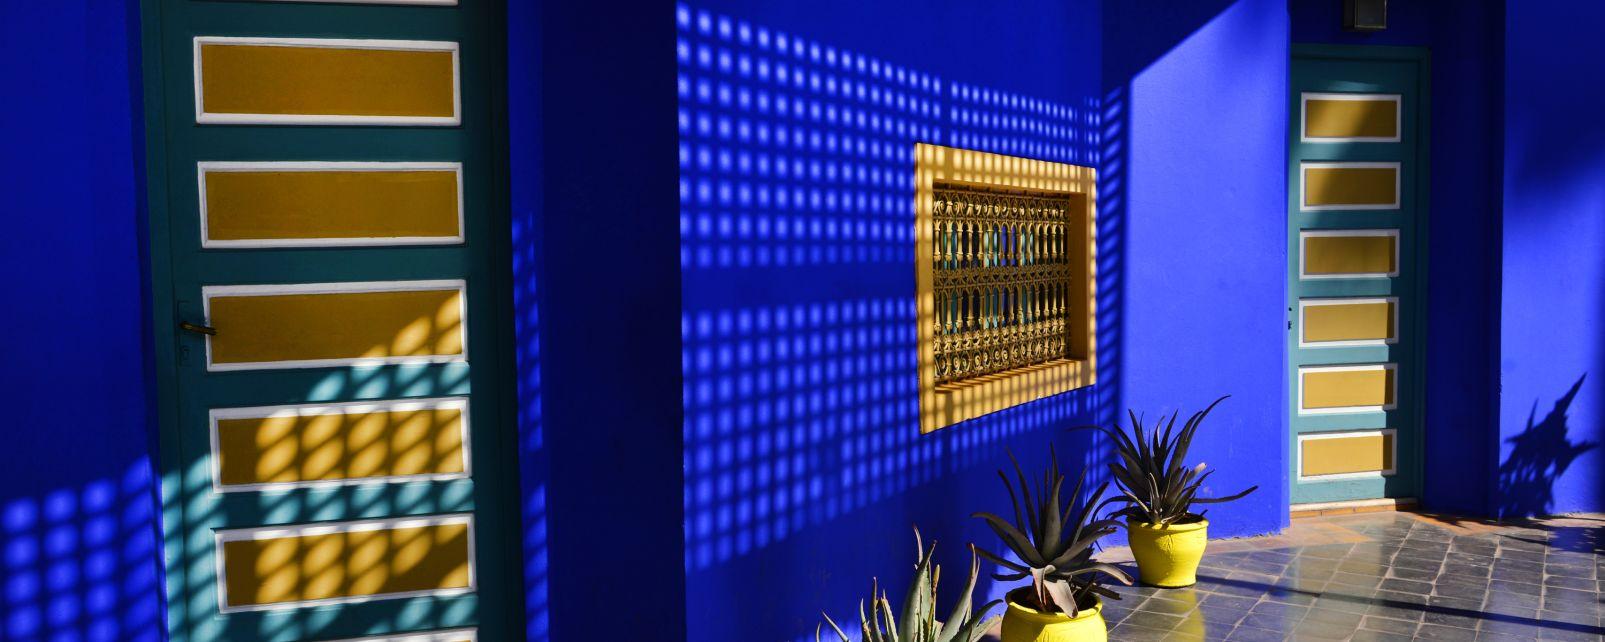 El jardín Majorelle, Arte y cultura, Marrakech, Marruecos el Centro